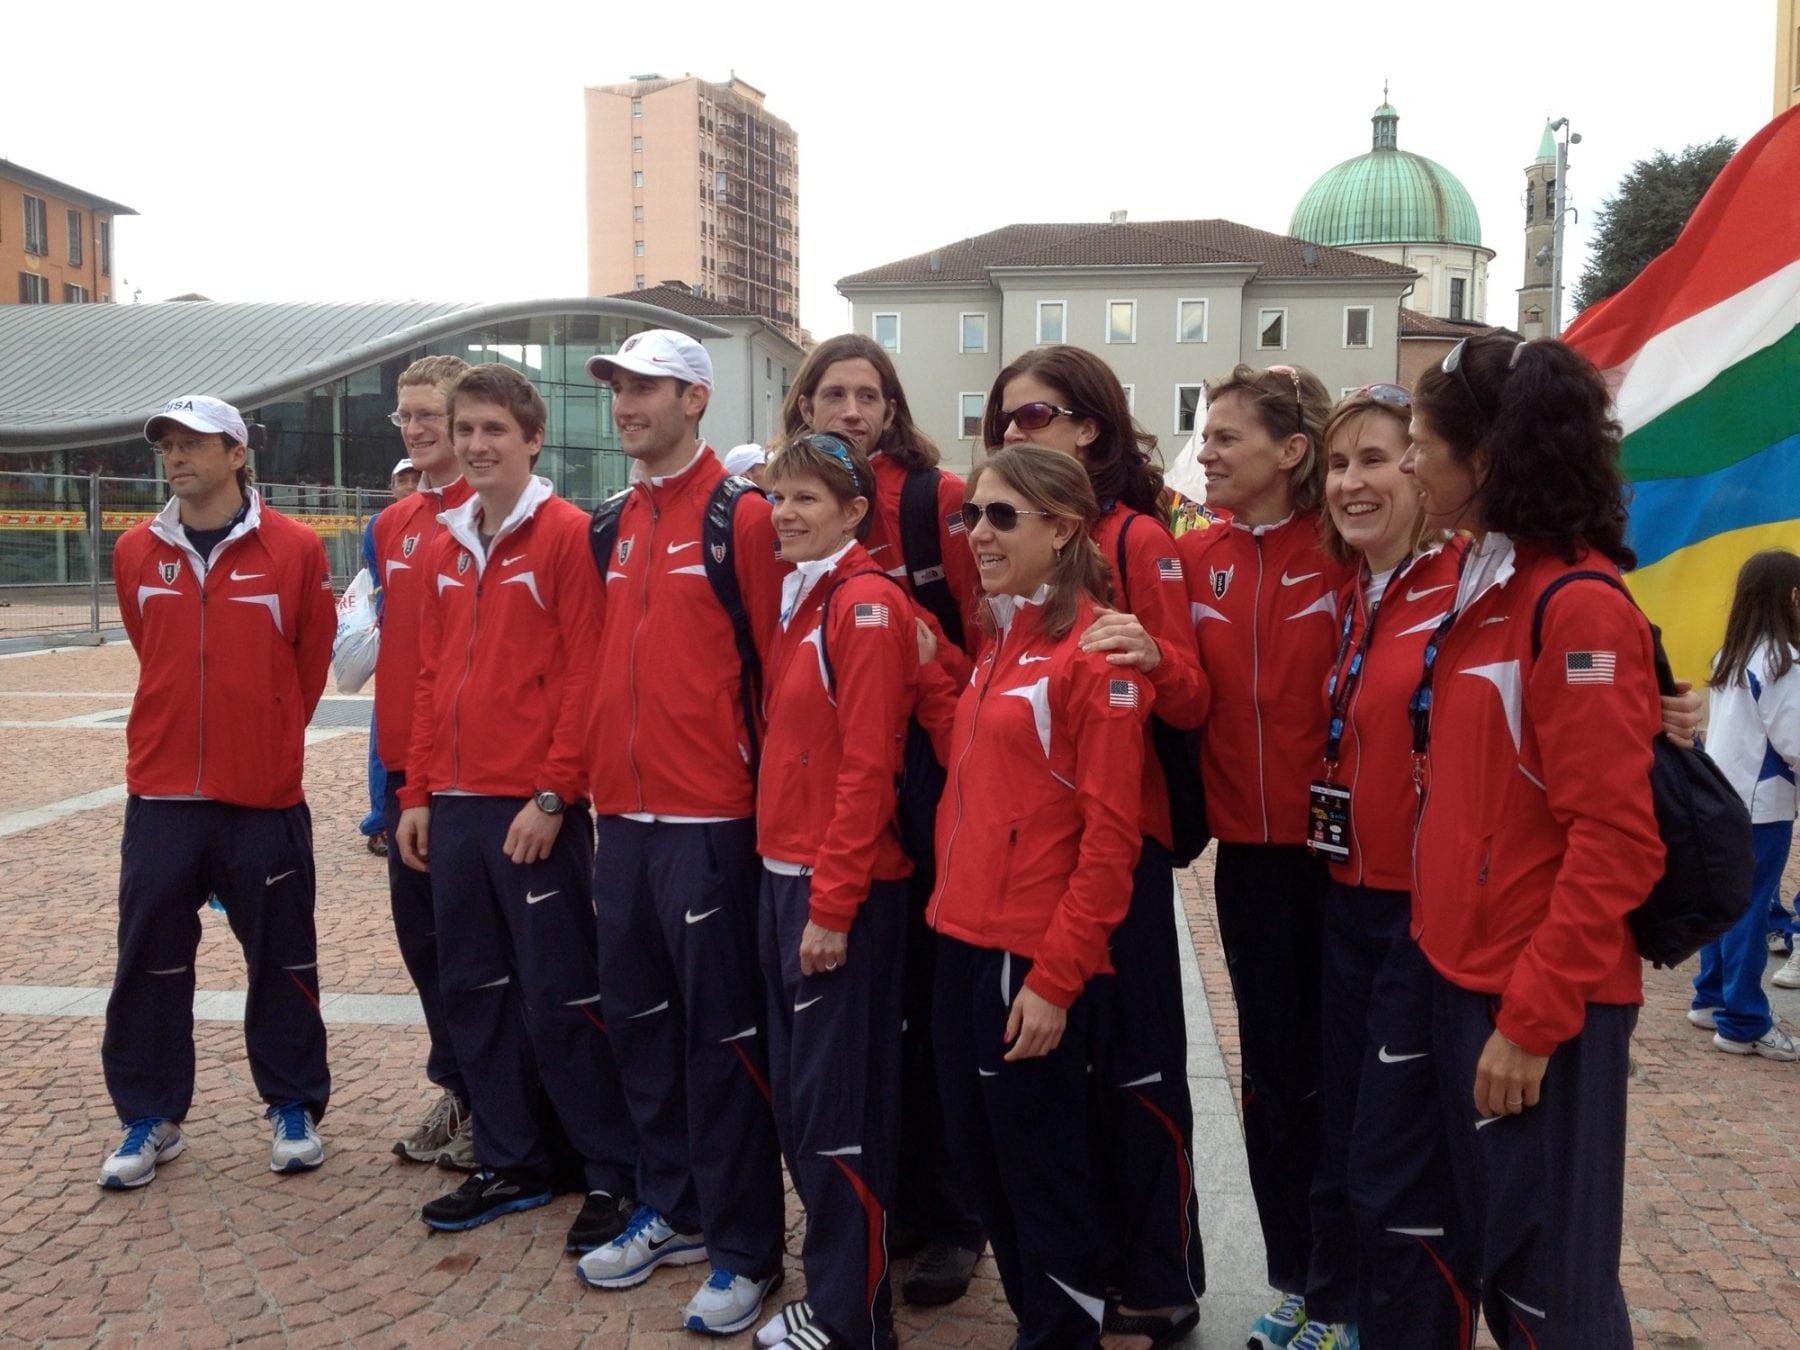 Team USA minus Jon Olsen - 2012 IAU 100k World Championships